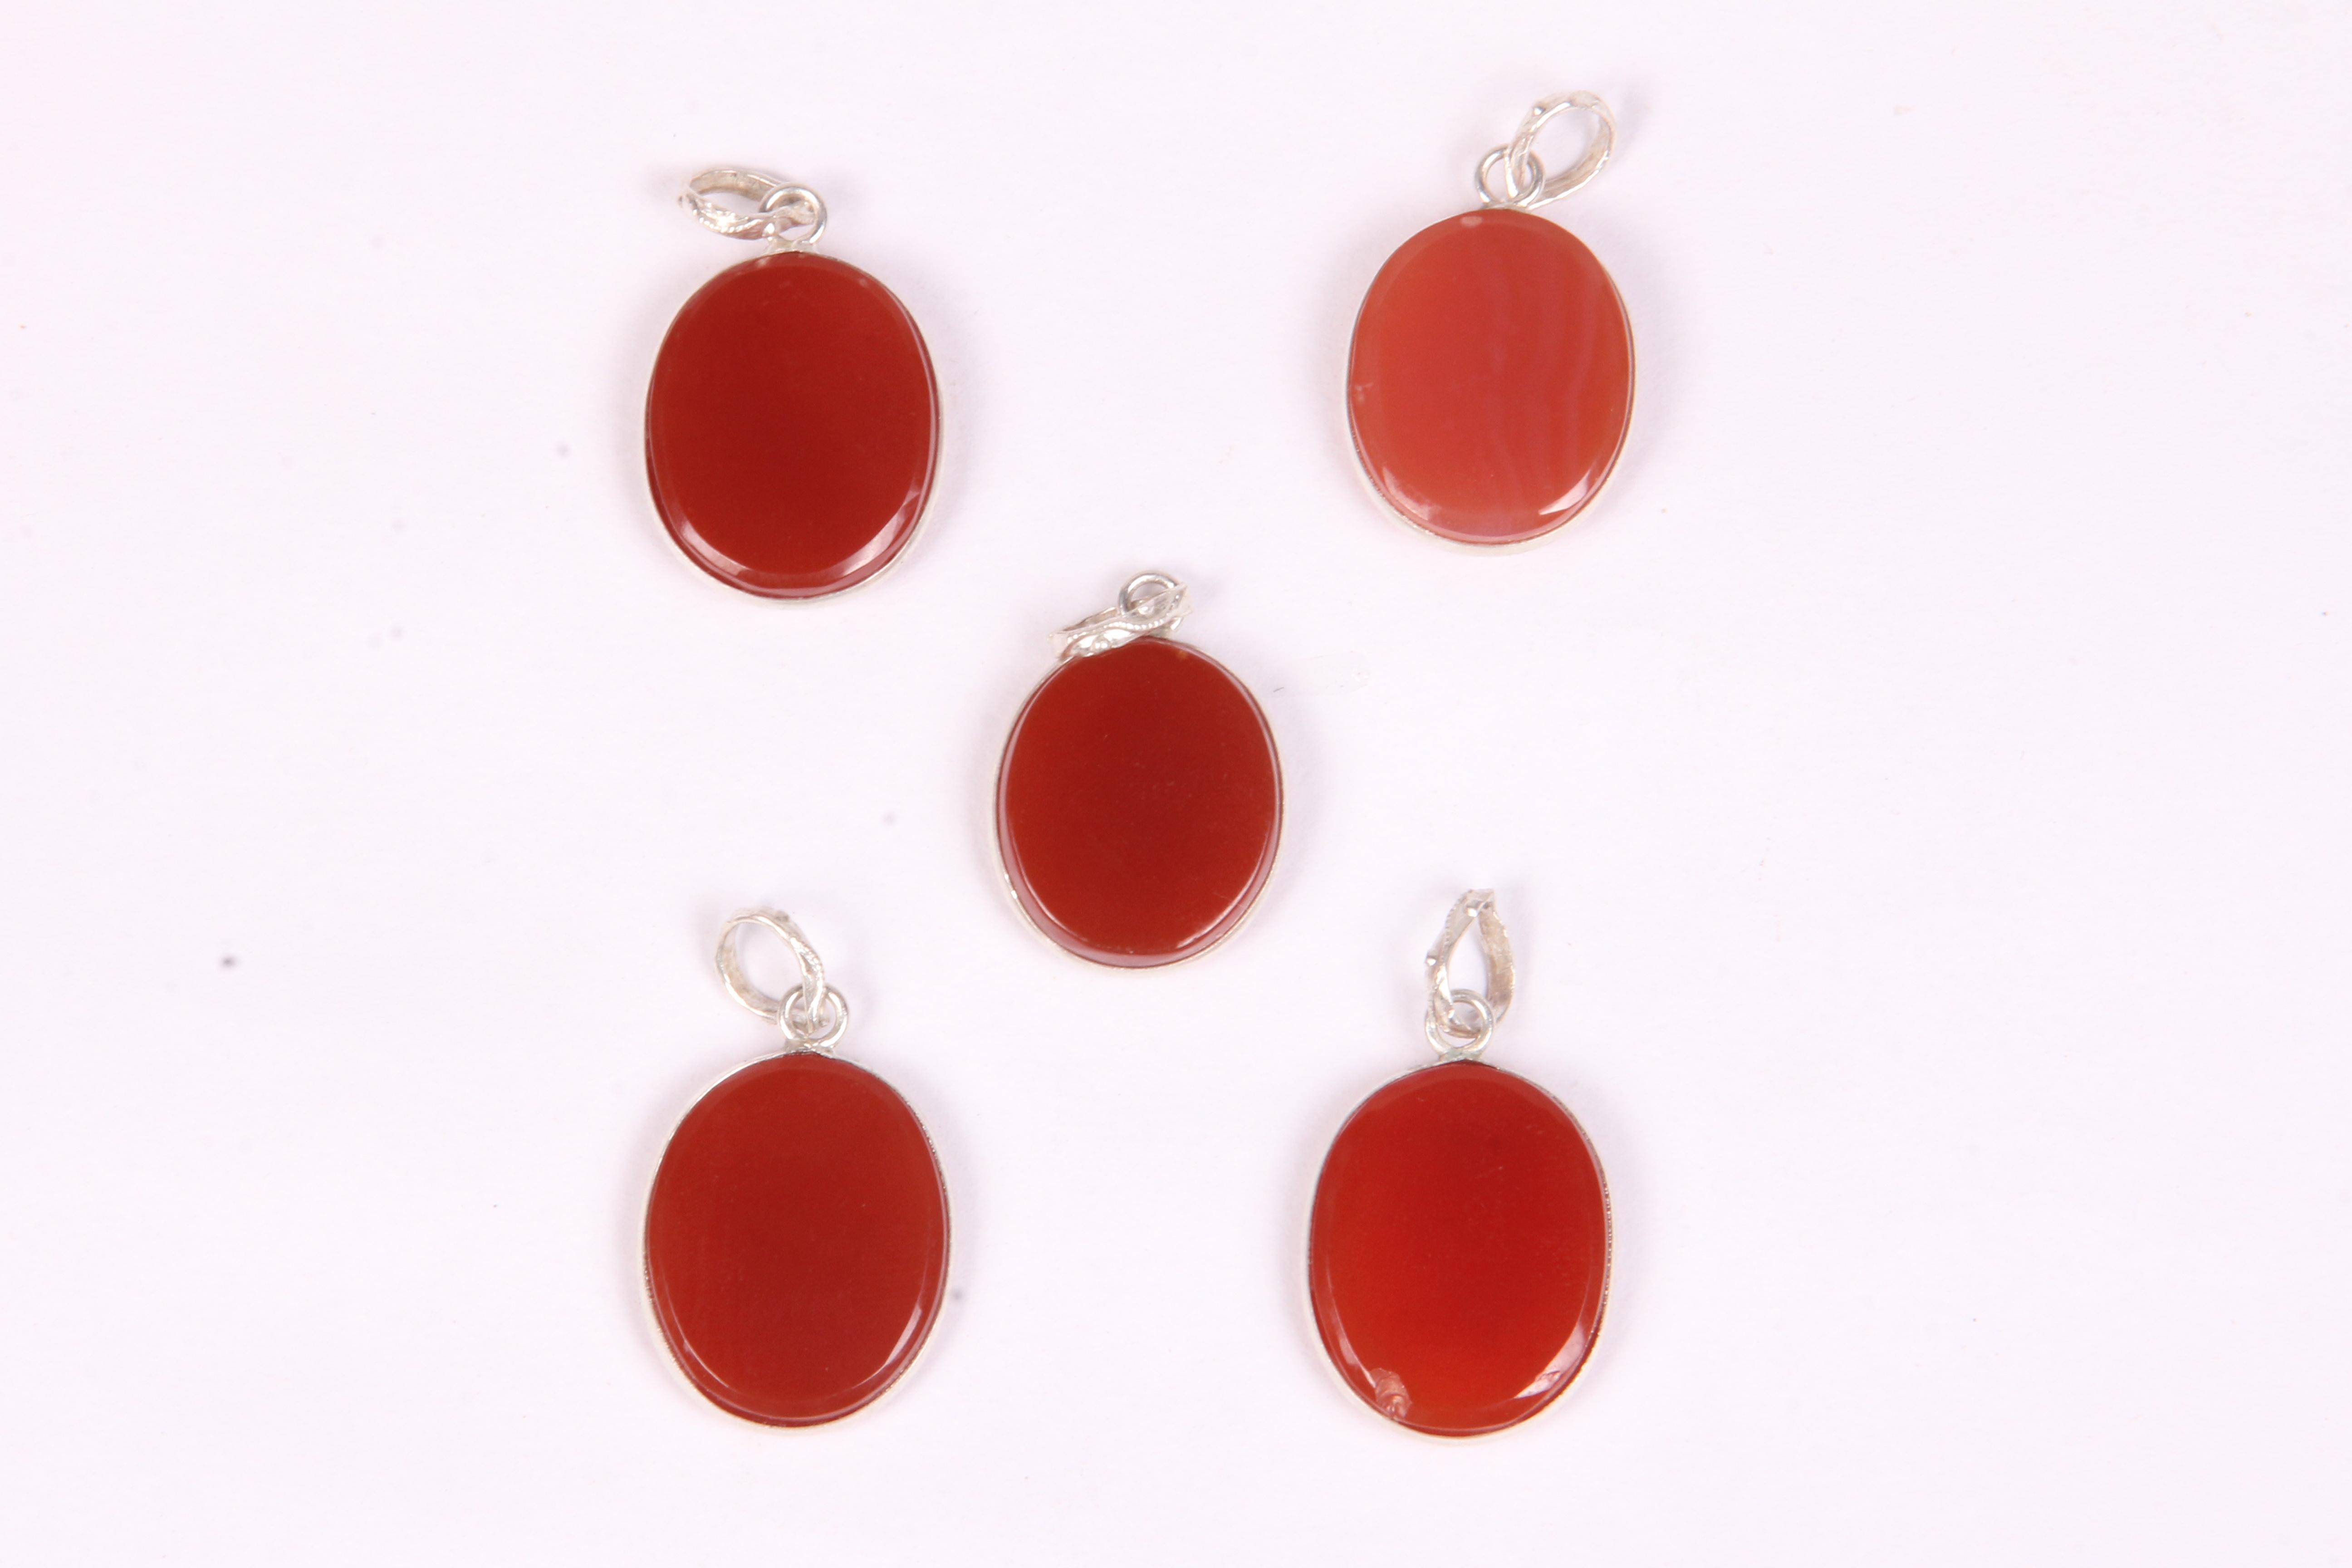 Red Onyx Pendant